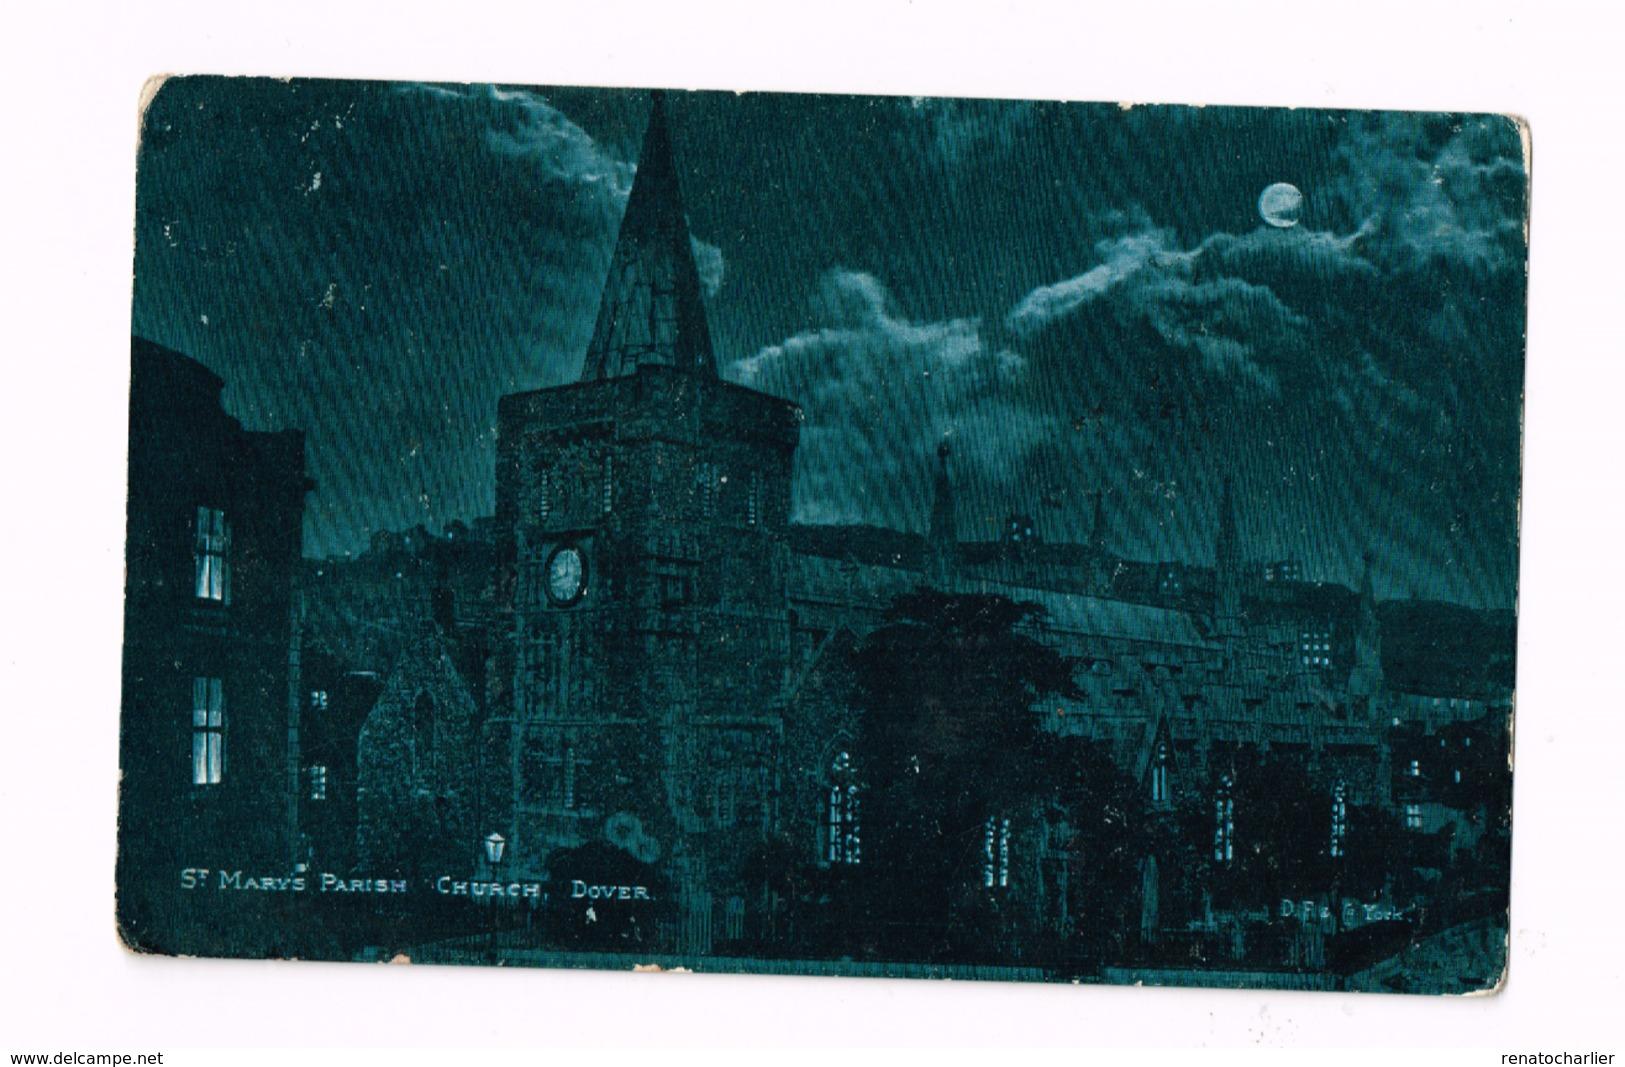 St-Marys Parish Church.Dover.Expédié De Chaumont (Haute-Marne/FRance) à Forcey (Haute-Marne) - Dover